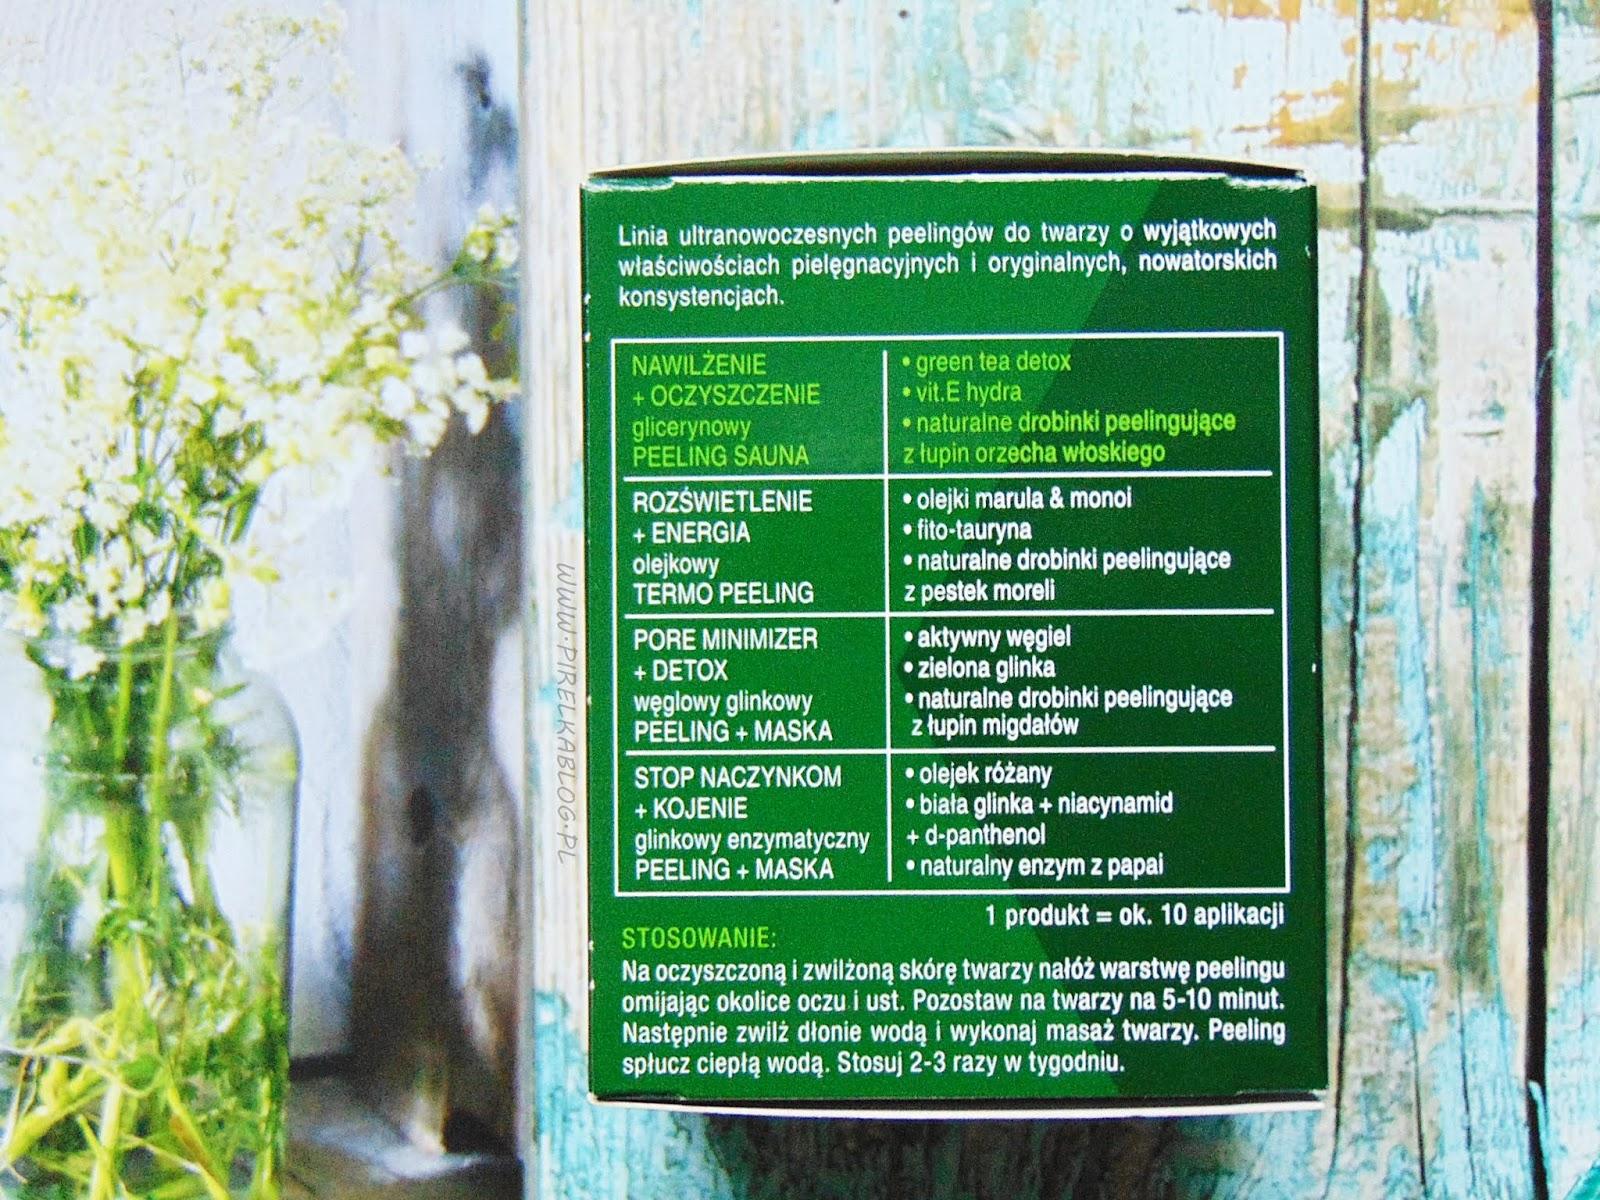 Perfecta nawilżenie+oczyszczenie, Glicerynowy peeling SAUNA